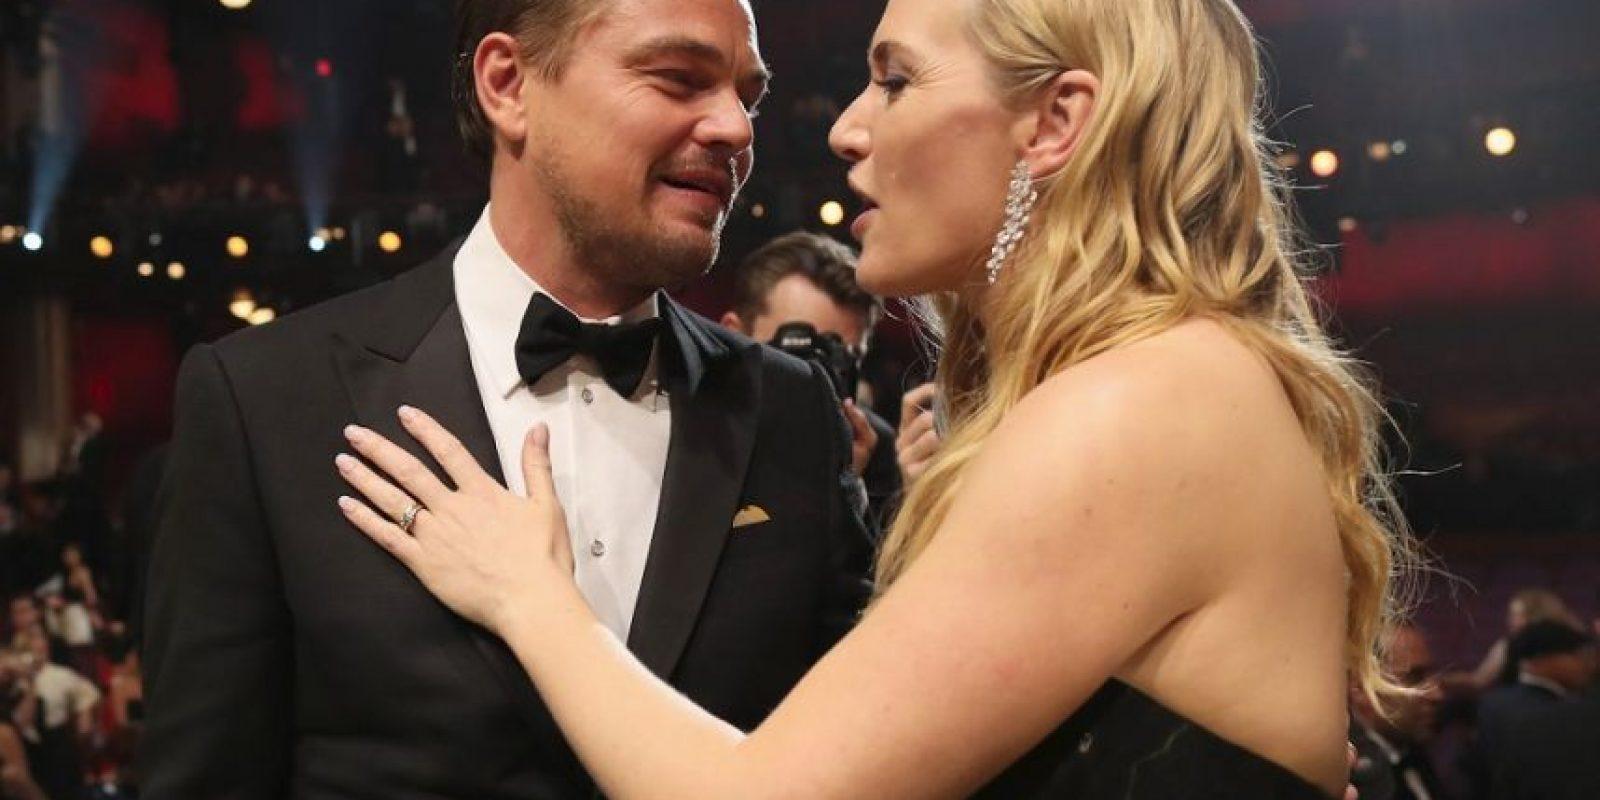 """La emoción de Kate Winslet fue más grande que el Titanic. La actriz, que peleó el Oscar por su papel en Steve Jobs, no se llevó a casa el galardón, sin embargo, la reacción al ver a su amigo """"romper la maldición"""" lo dijo todo. La actriz estaba tan feliz como el mismo DiCaprio.Recordemos que esta pareja tiene una gran relación de amistad, la cual mantienen desde que se conocieron hace casi 20 años en el rodaje de Titanic, por lo que Kate no aguantó las lágrimas al ver el triunfo de su amigo.Minutos antes, los actores se habían saludado en la alfombra roja. Cada uno posaba por separado ante las cámaras siguiendo atentamente las peticiones de los fotógrafos cuando se encontraron de nuevo.Winslet no dudó en ponerse a su lado para posar juntos, mientras los presentes gritaban """"¡Rose, Jack!"""". La eterna pareja de Hollywood posó sonriente y mantuvo una breve conversación. Foto:Fuente externa"""